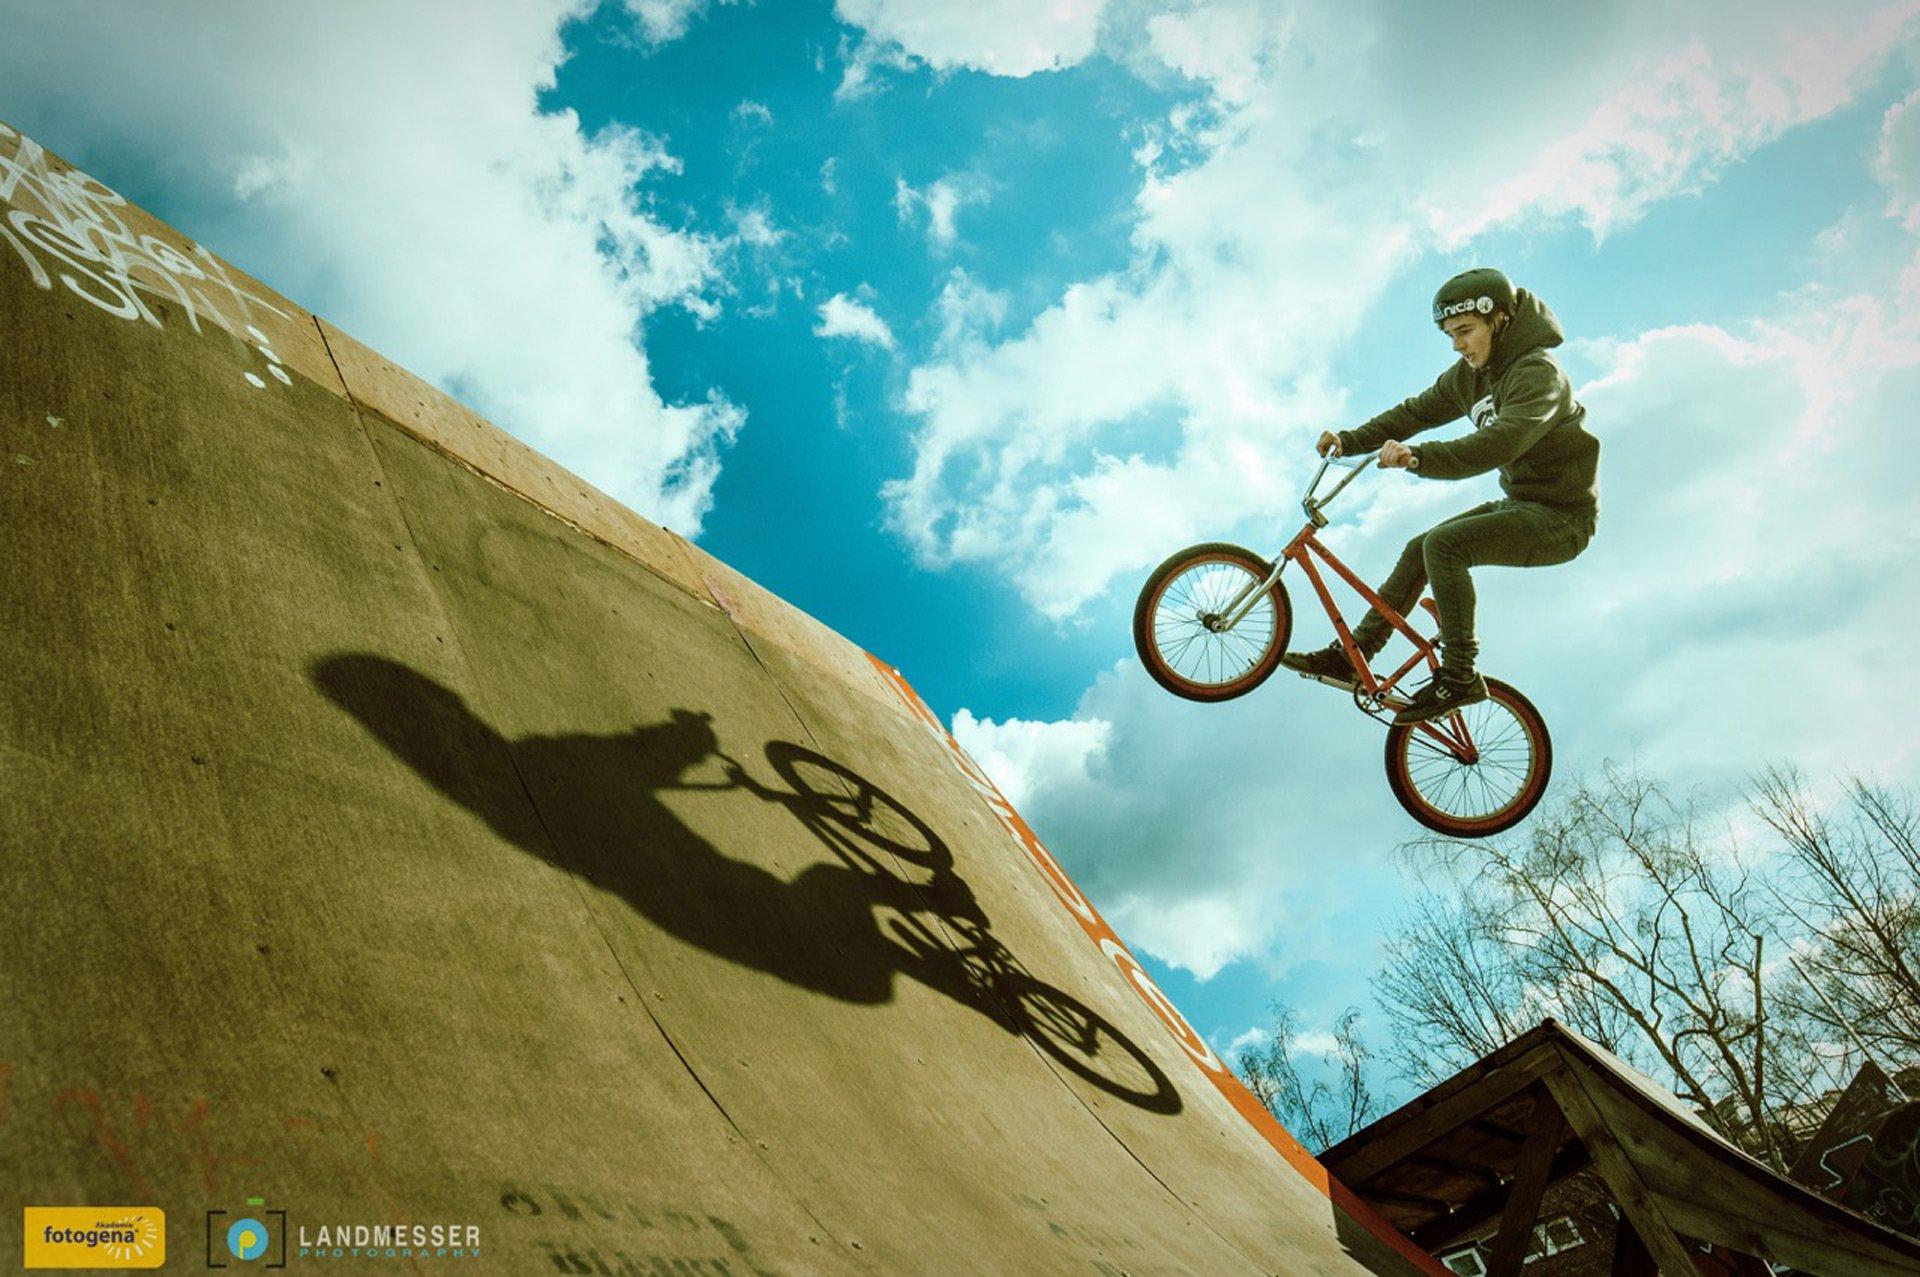 Jens Landmesser EOS Autofokus